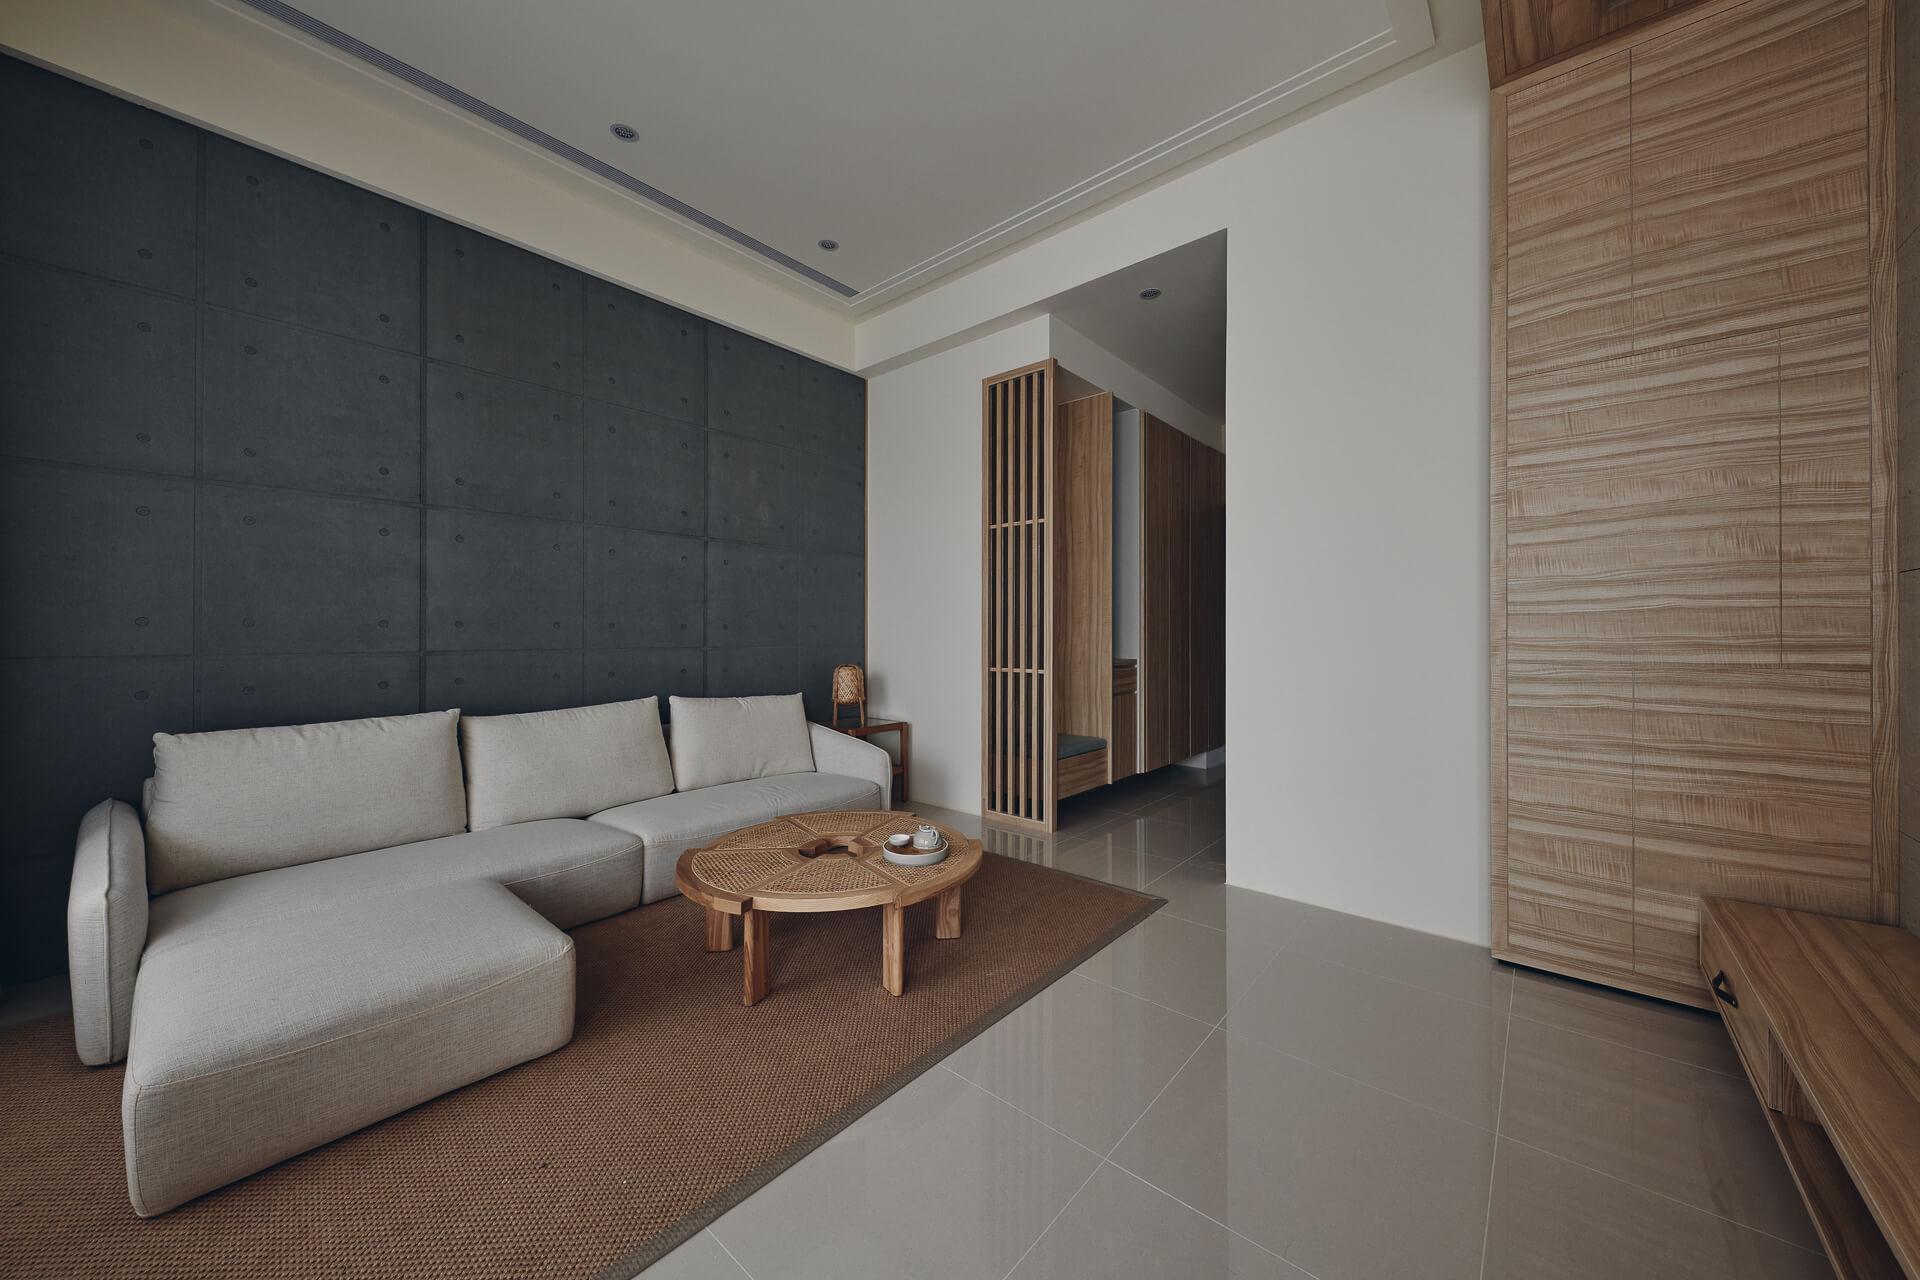 室內設計風格-日式風